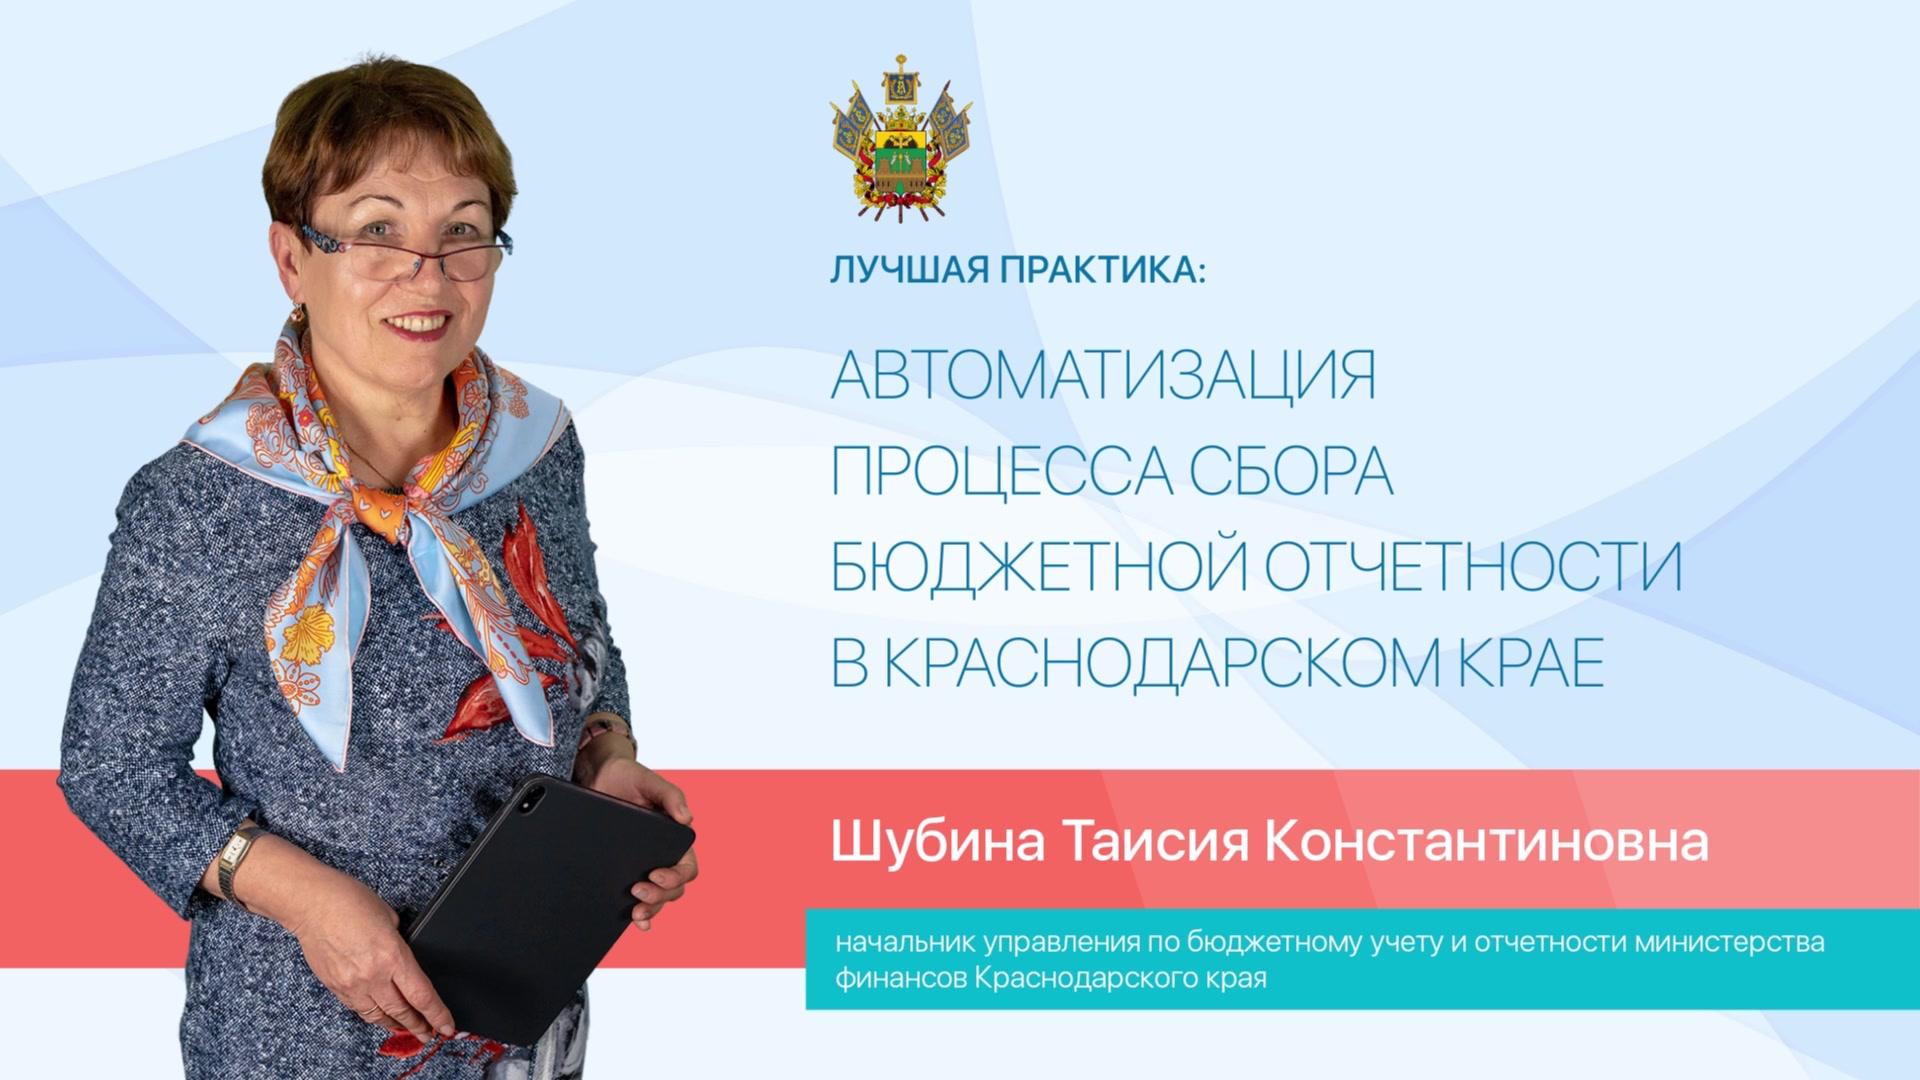 Автоматизация процесса сбора бюджетной отчетности в Краснодарском крае